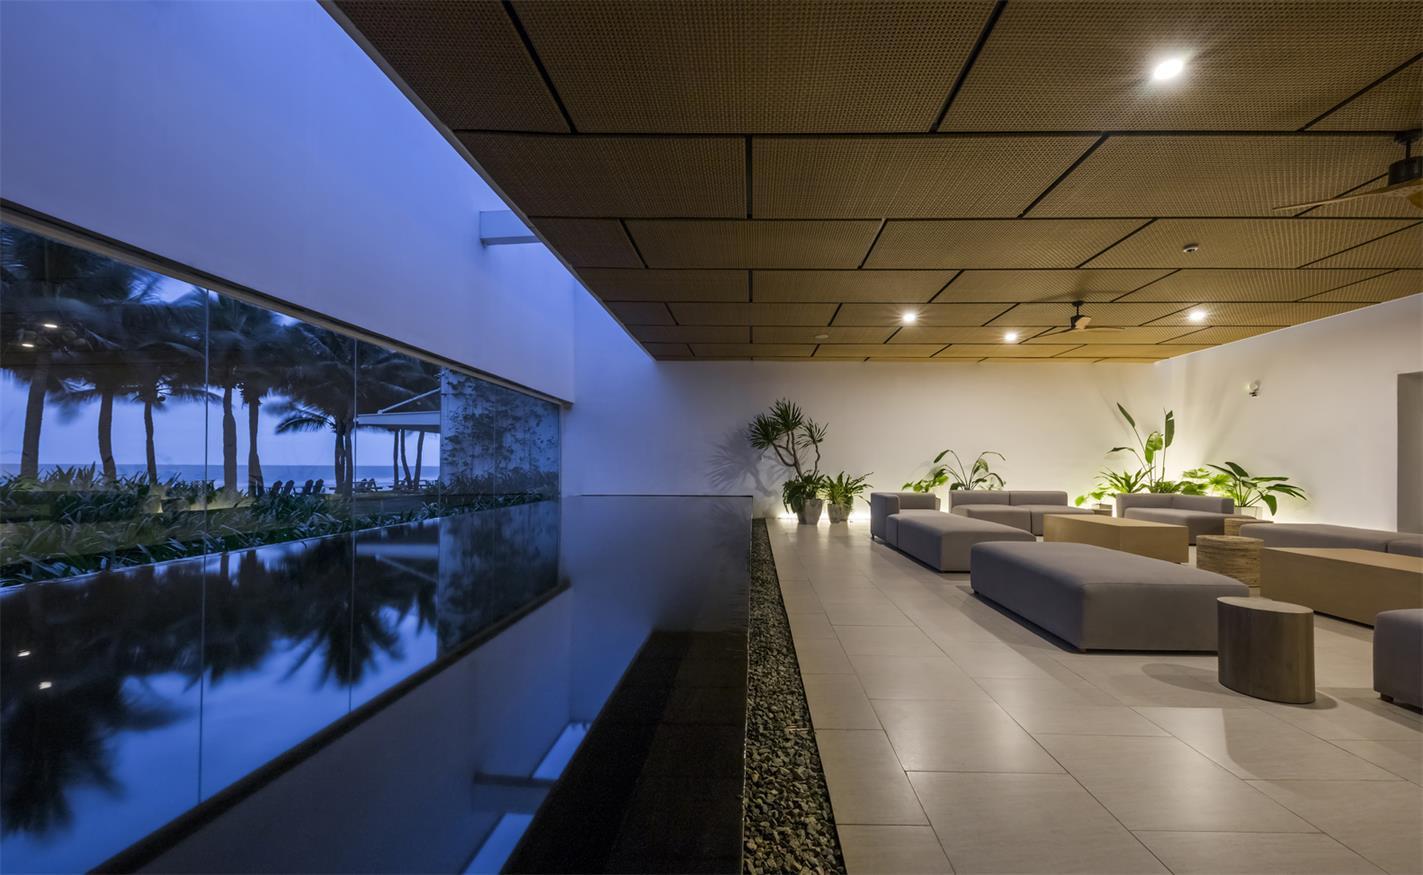 售楼处景观盒与室内休闲区傍晚灯光氛围